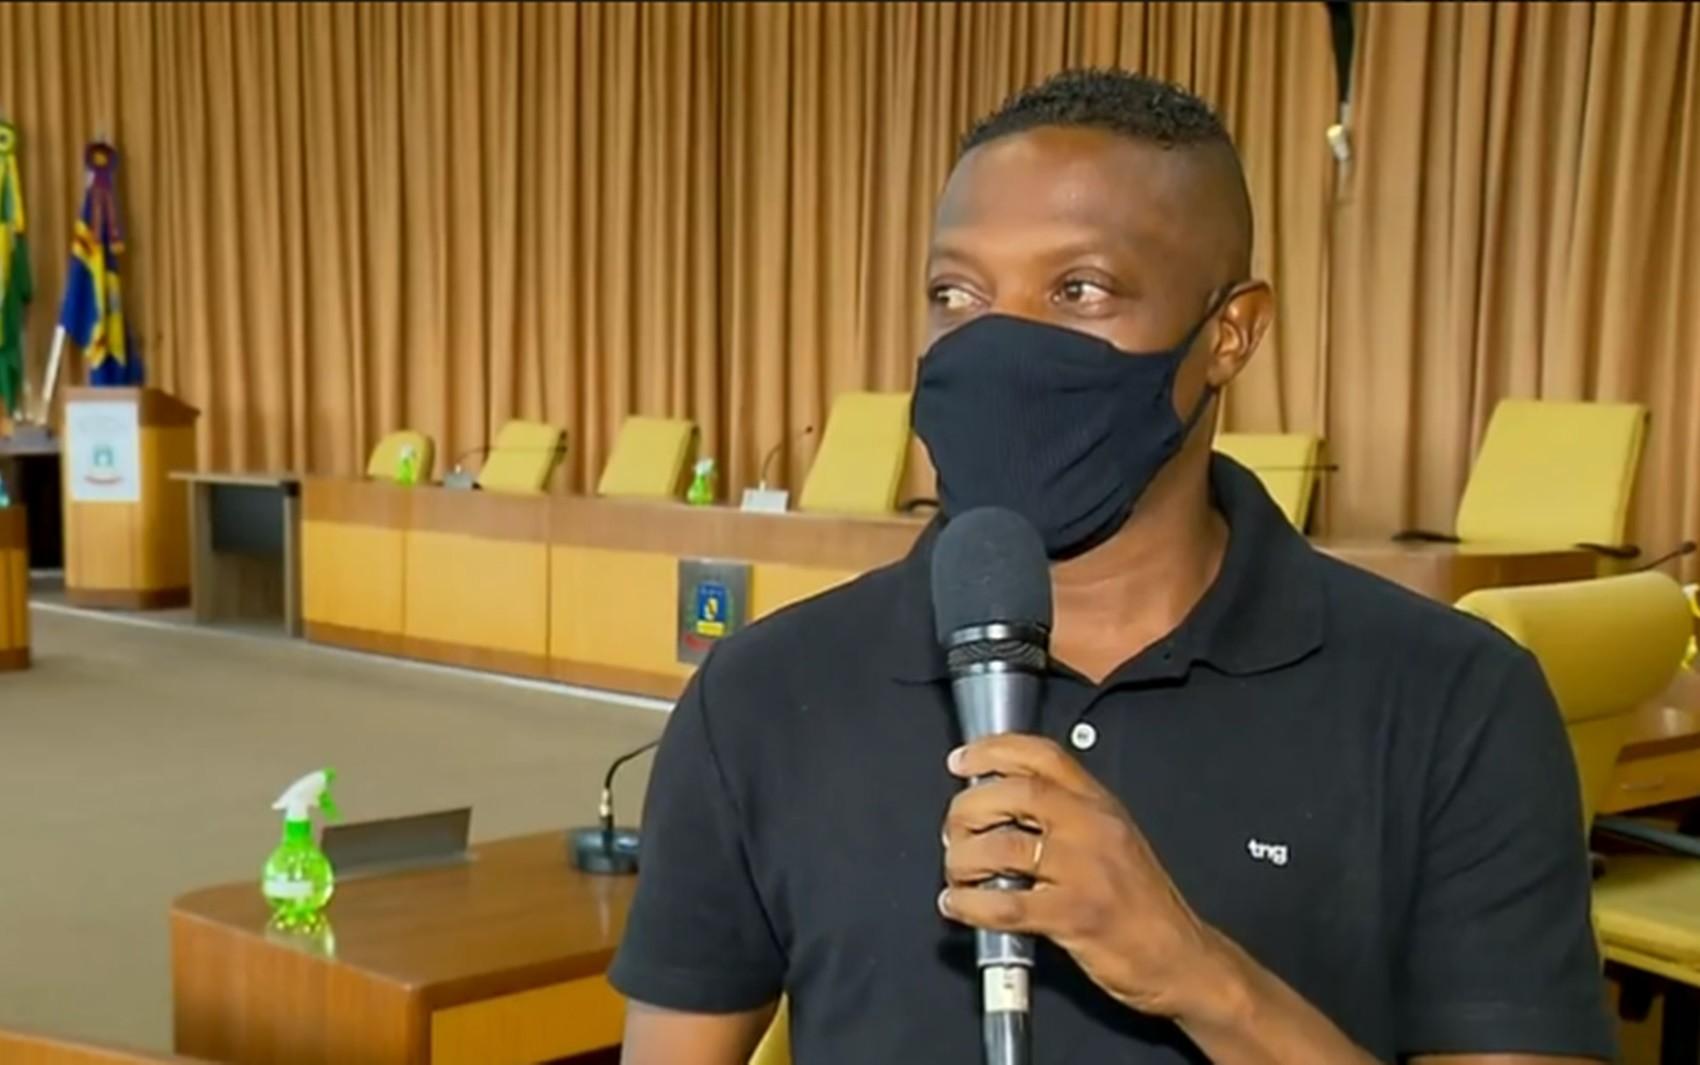 Polícia Civil abre inquérito para investigar injúrias raciais contra presidente da Câmara de Três Corações; OUÇA ÁUDIO